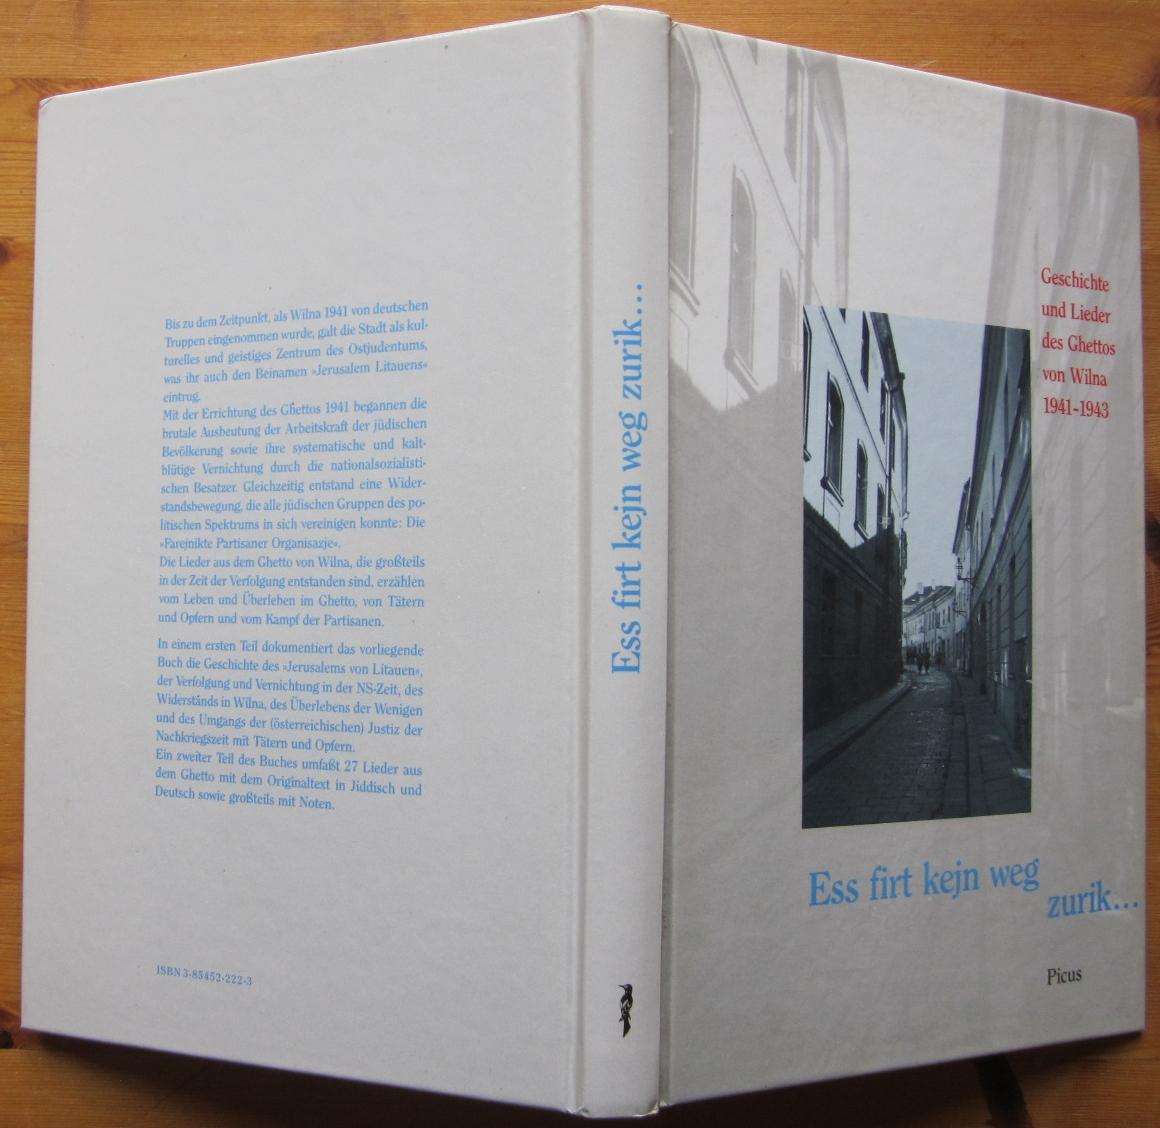 Ess firt kejn weg zurik... Geschichten und Lieder des Ghettos von Wilna 1941-1943.